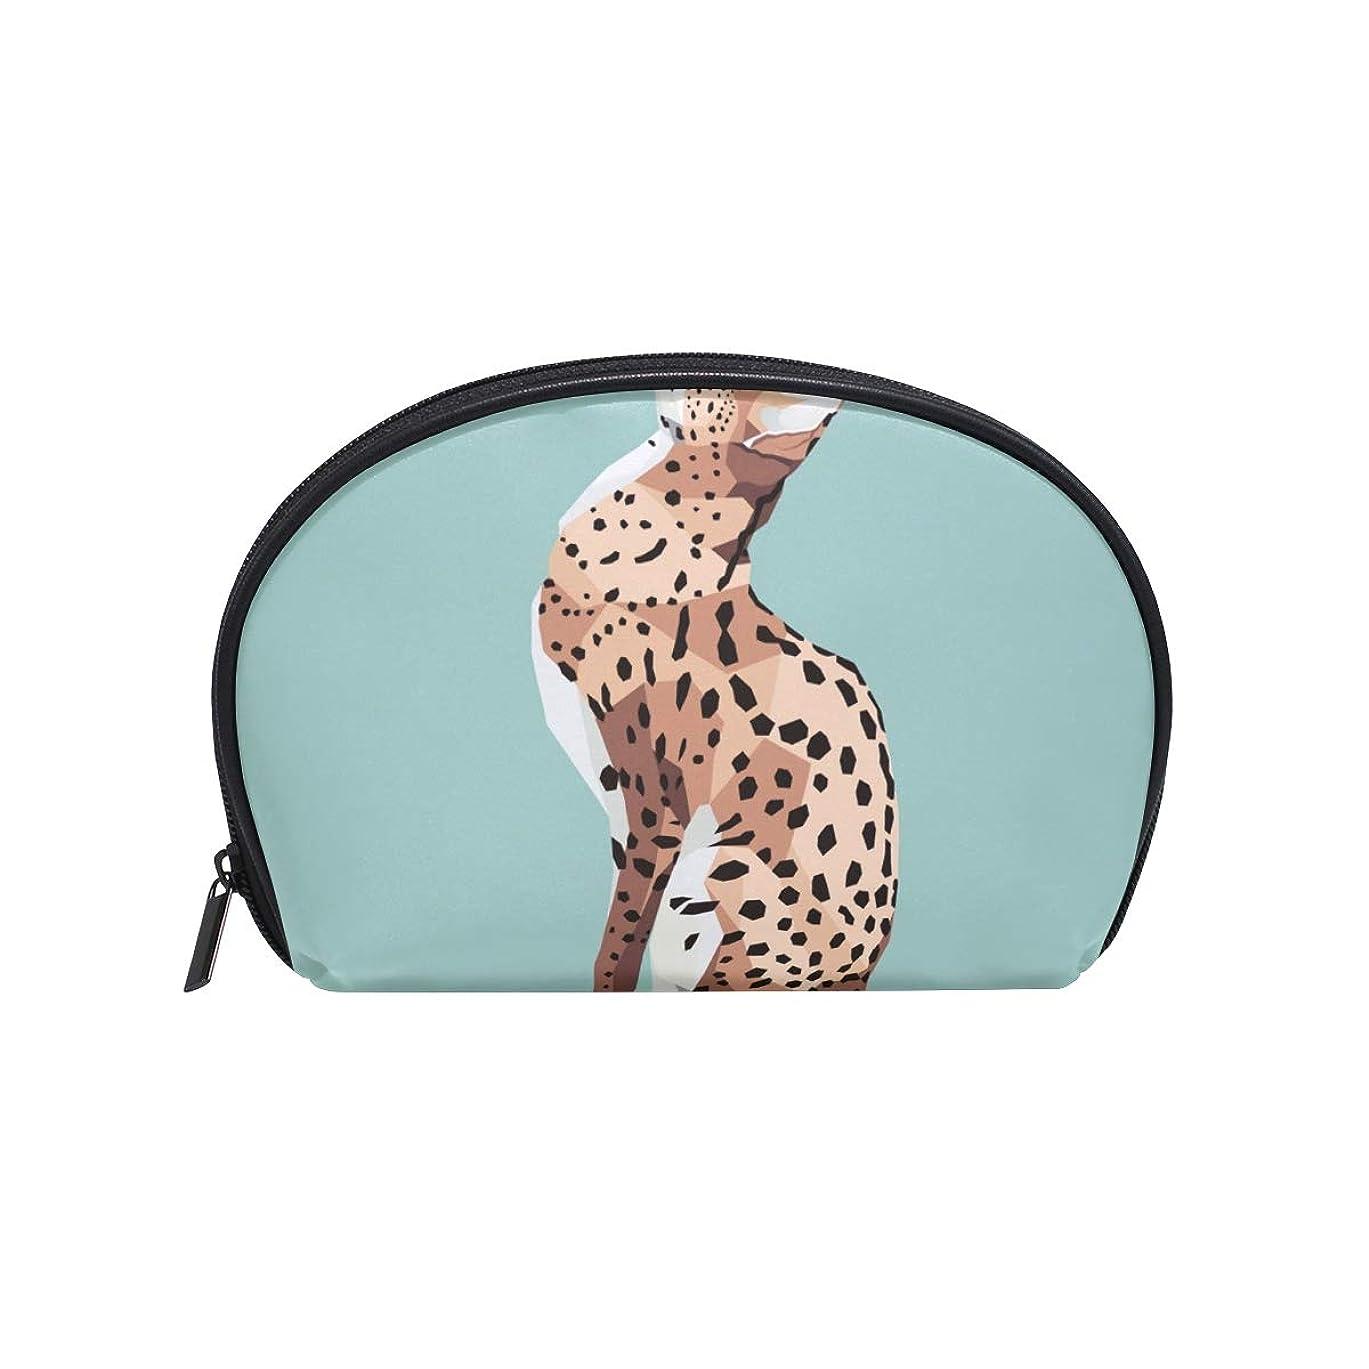 一握り保存に渡って半月型 Serval柄 Cat柄 Wild 化粧ポーチ コスメポーチ コスメバッグ メイクポーチ 大容量 旅行 小物入れ